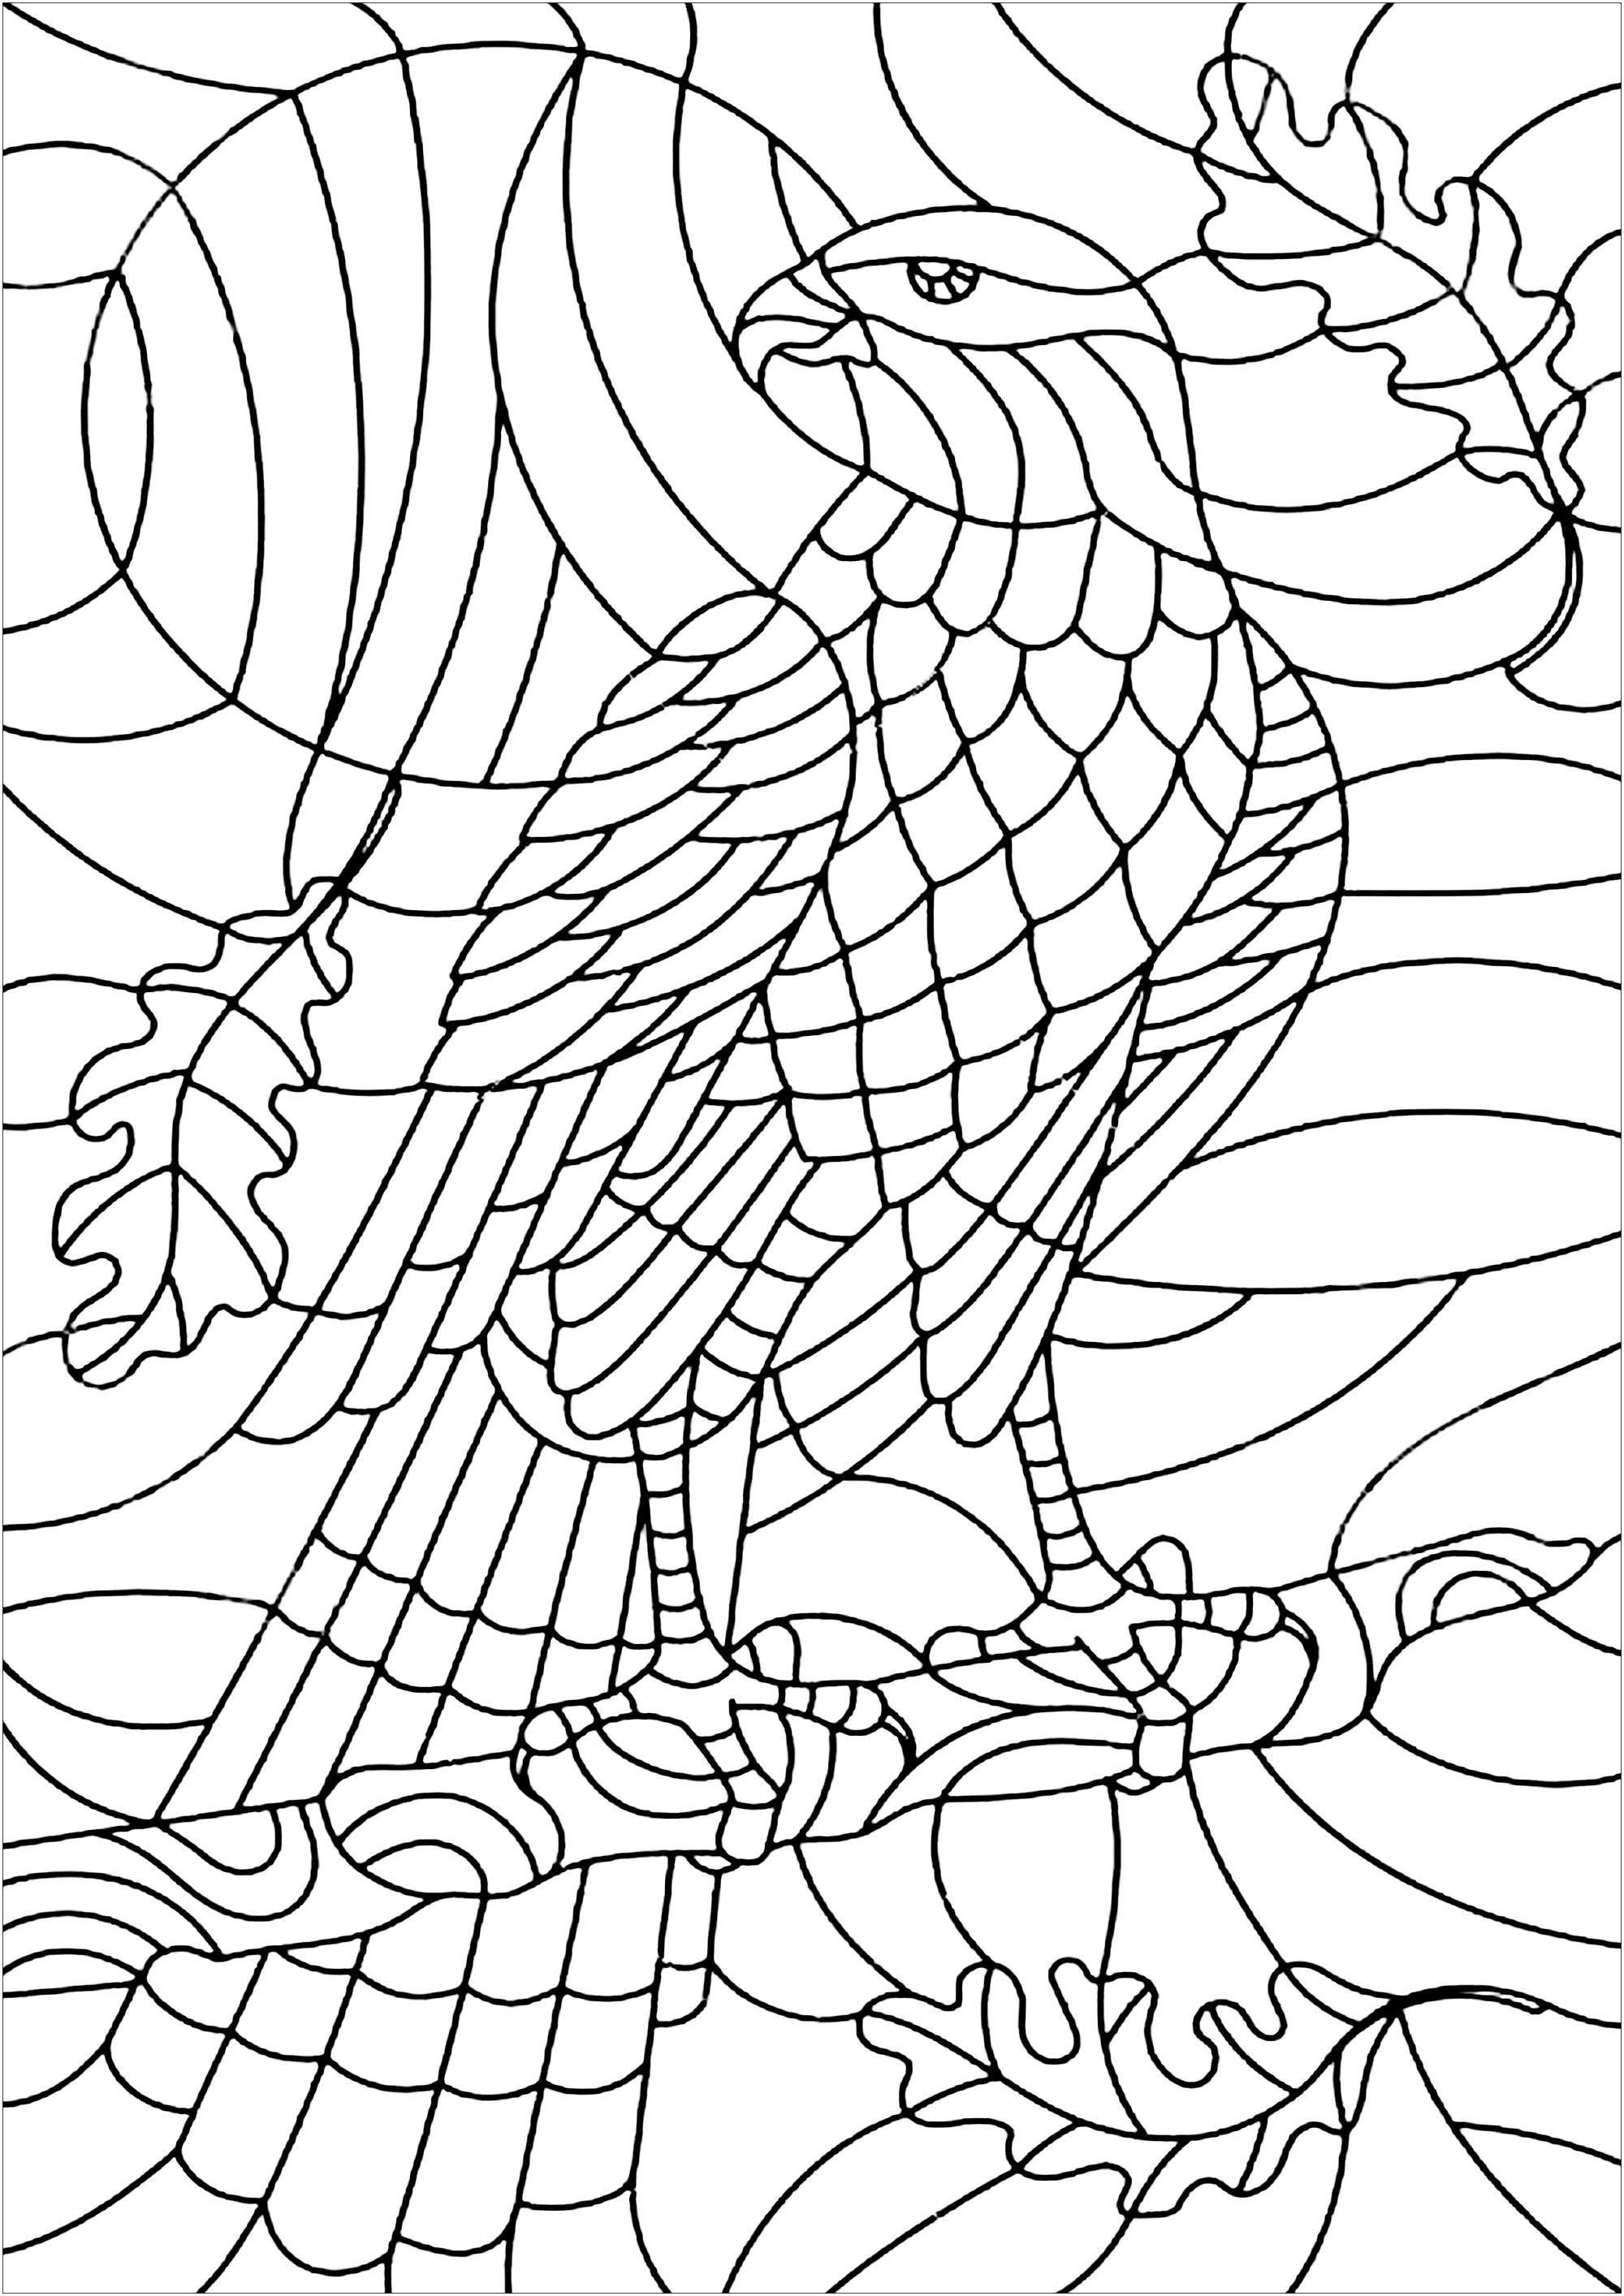 Magnifique aigle à colorier, en style vitrail